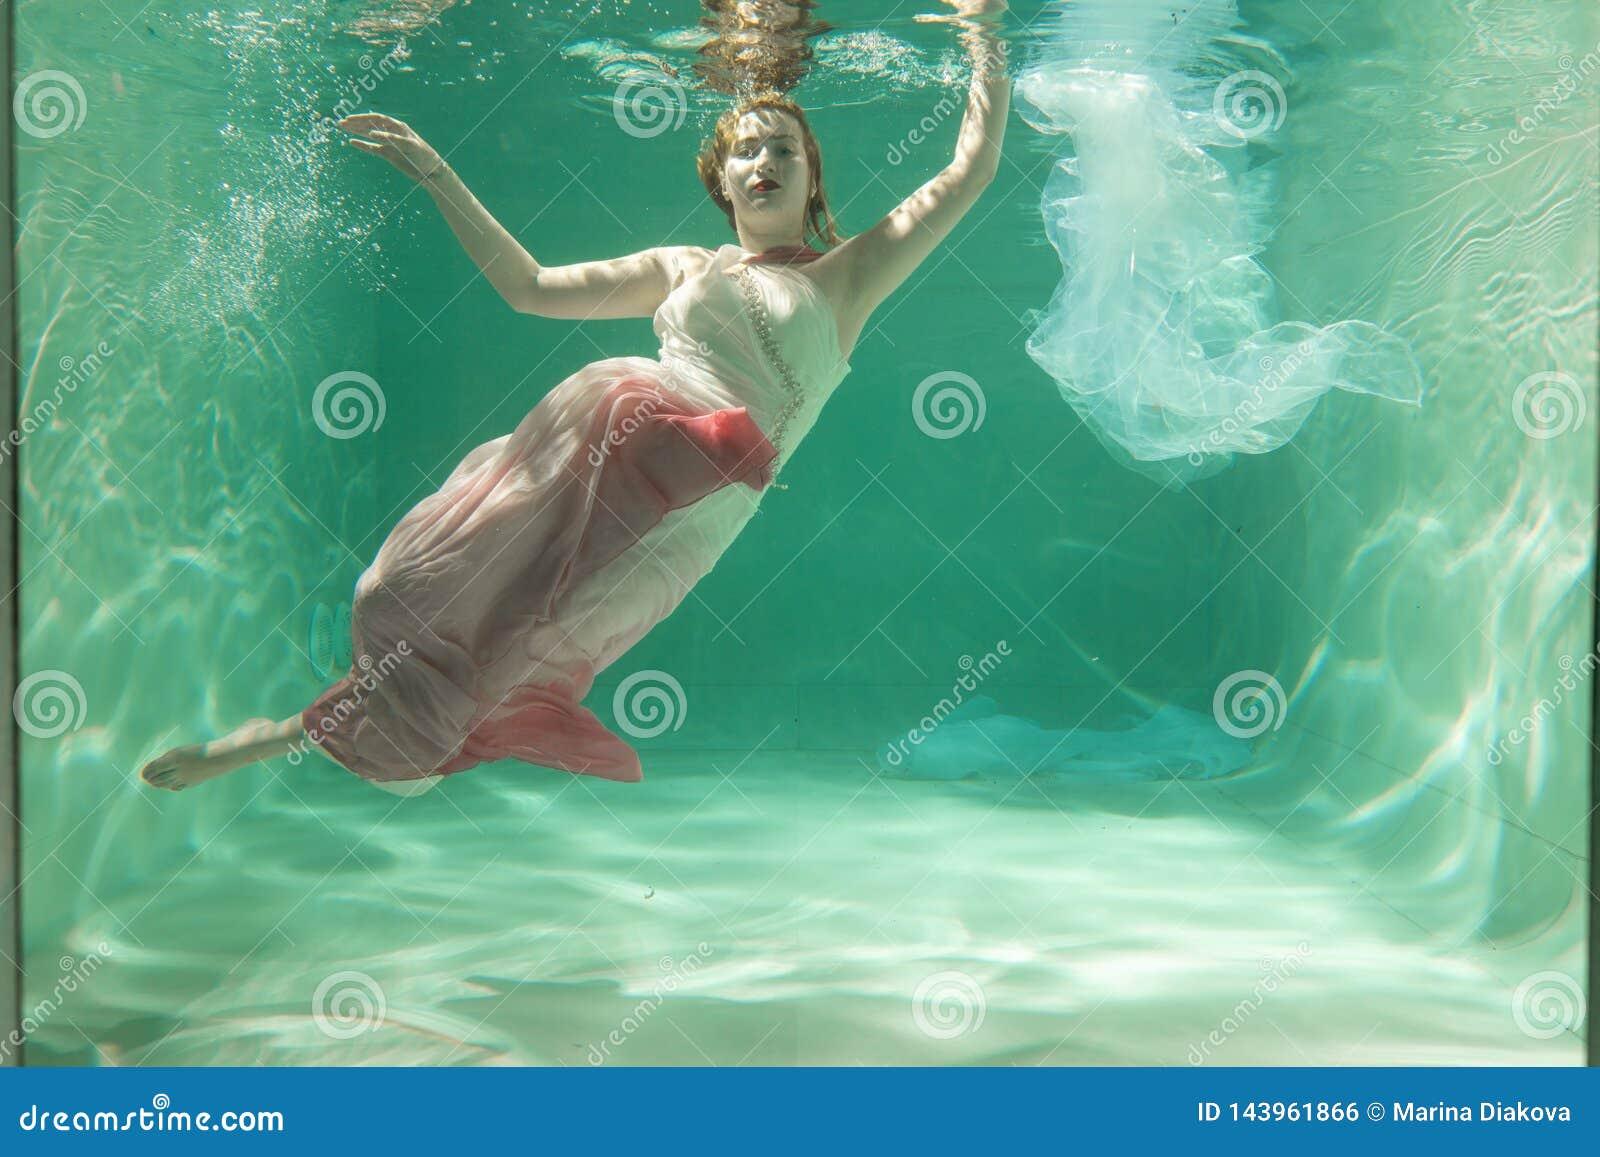 Горячая тонкая женщина представляя под водой в красивых одеждах самостоятельно в глубокой